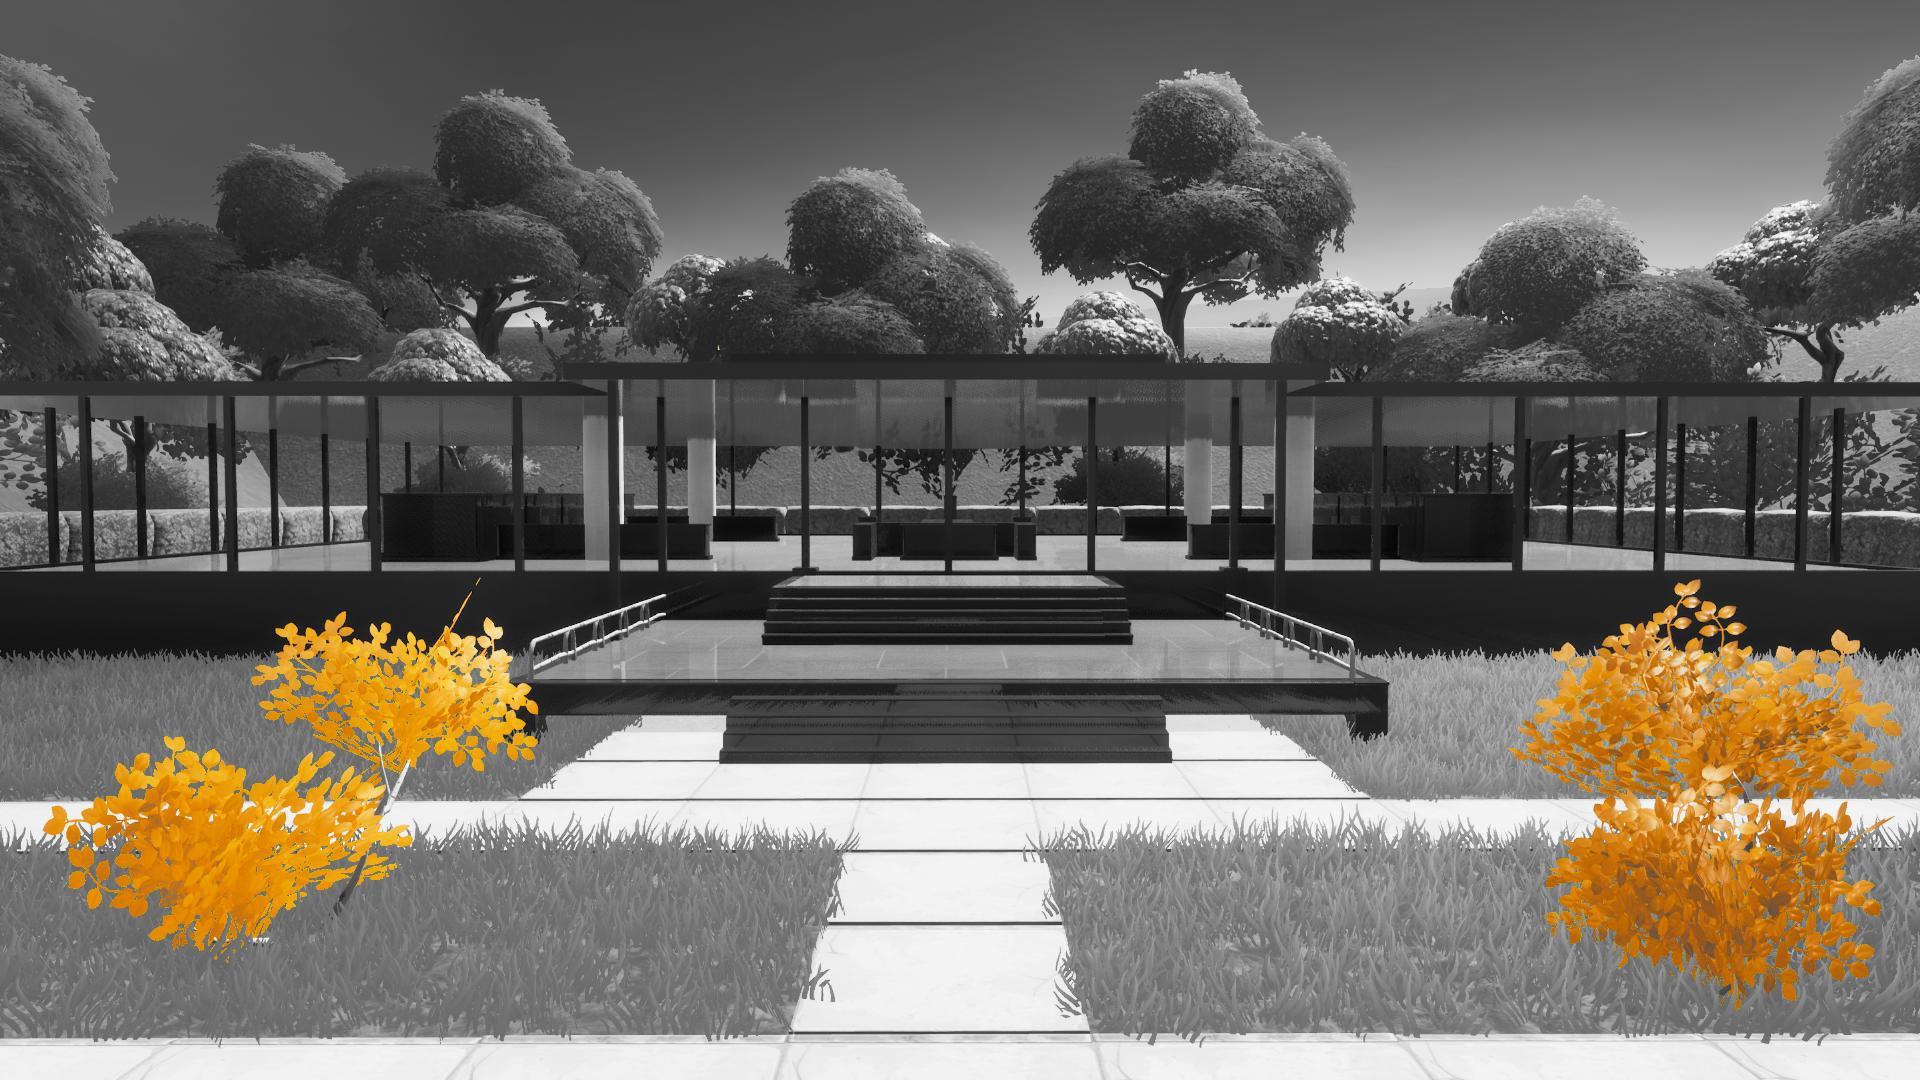 Architecture Imagined in Fortnite